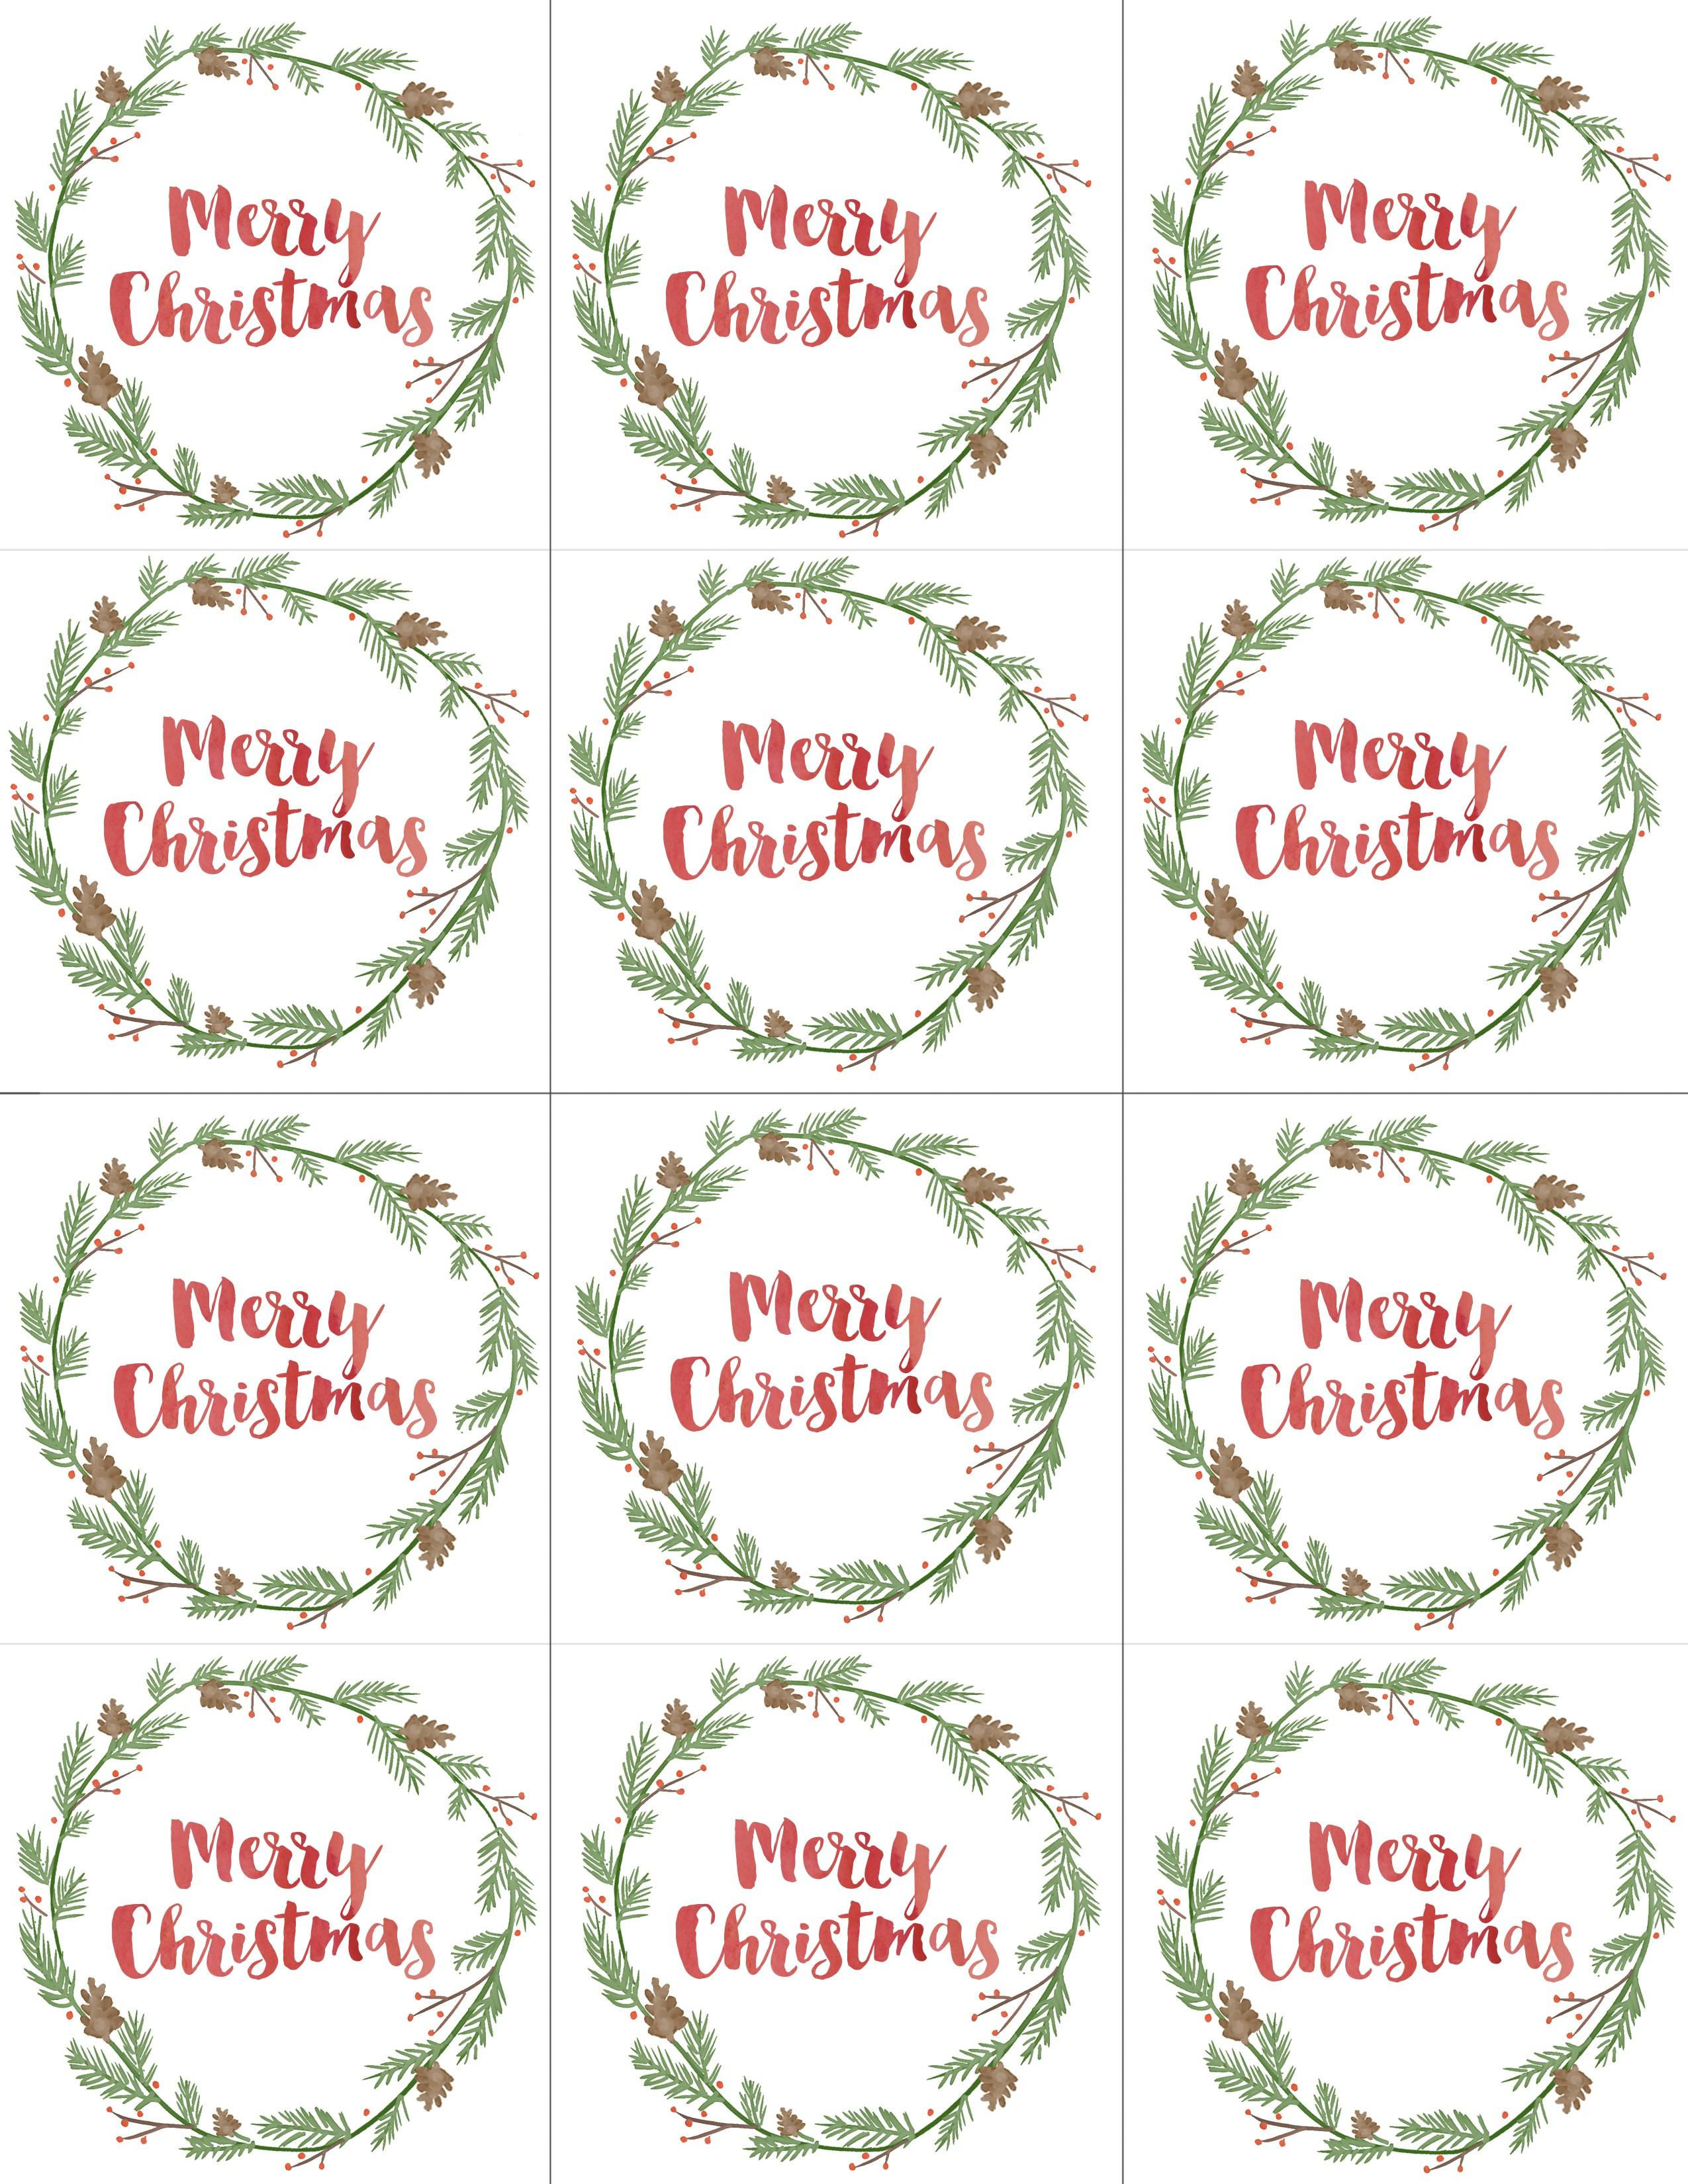 Free Printable Christian Christmas Gift Tags – Festival Collections - Free Printable Christian Christmas Gift Tags